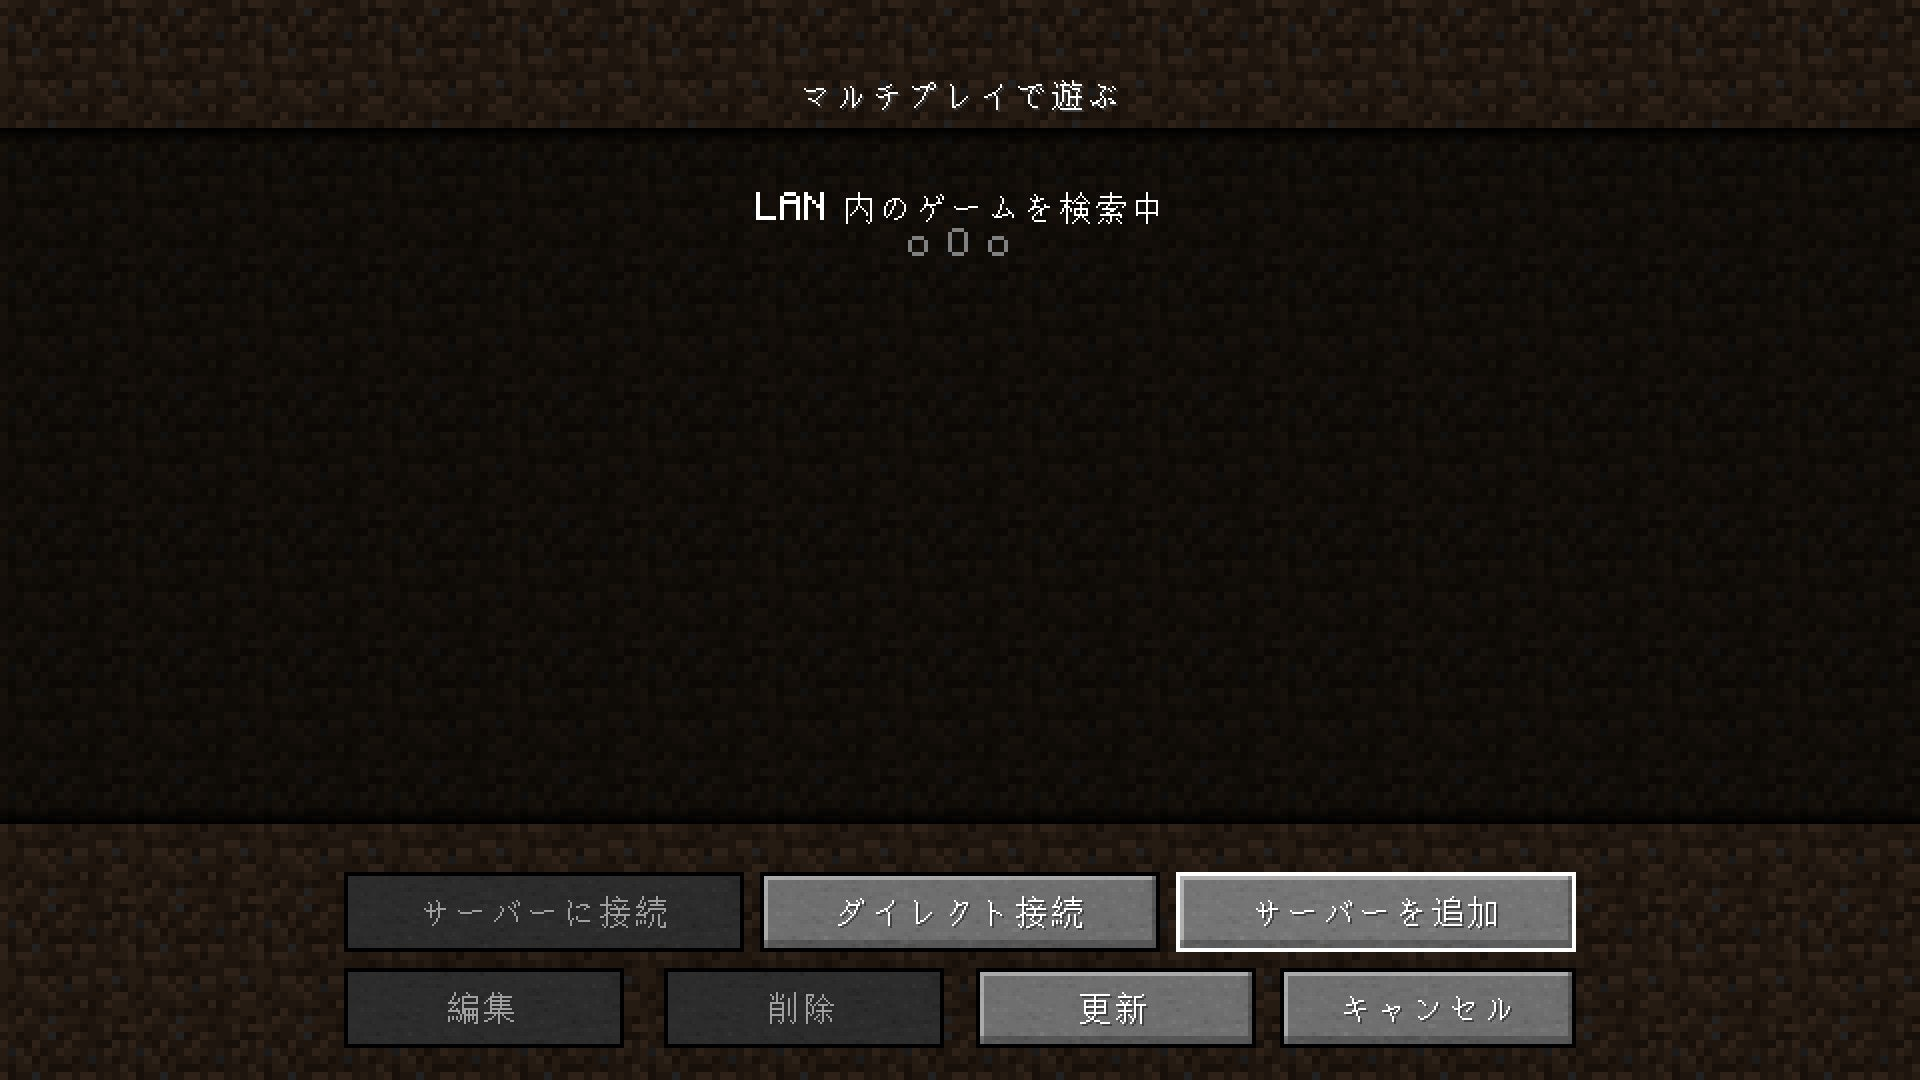 20200110153038_1.jpg